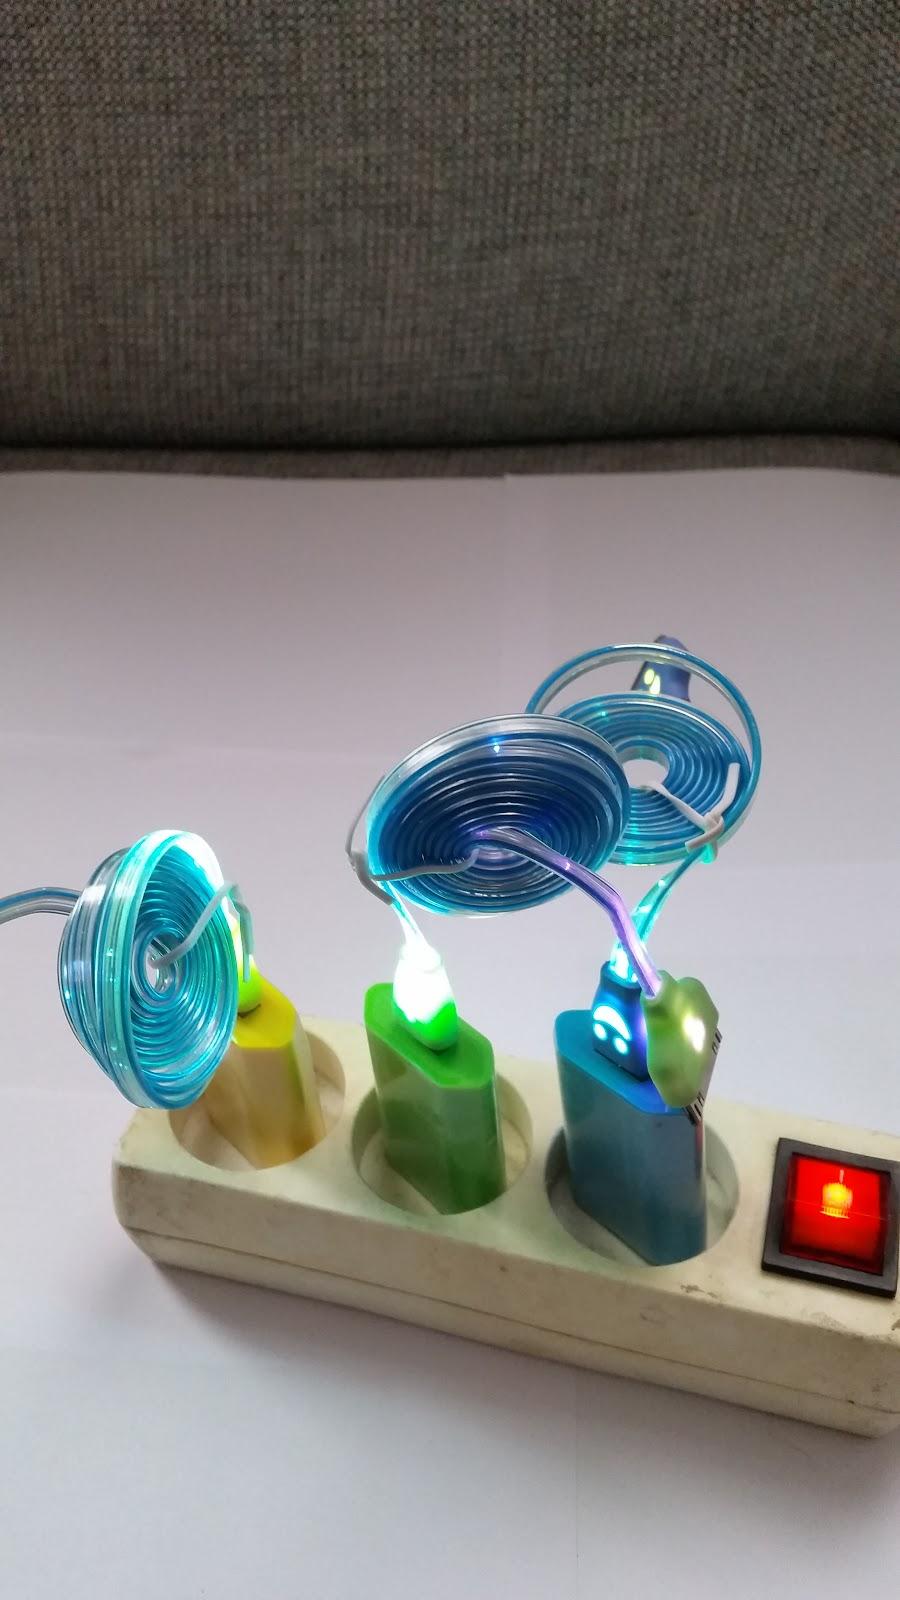 1x Cables de données et chargement Lumineux USB Smartphone Led Couleurs Samsung www.avalonlineshopping.com 82.jpg